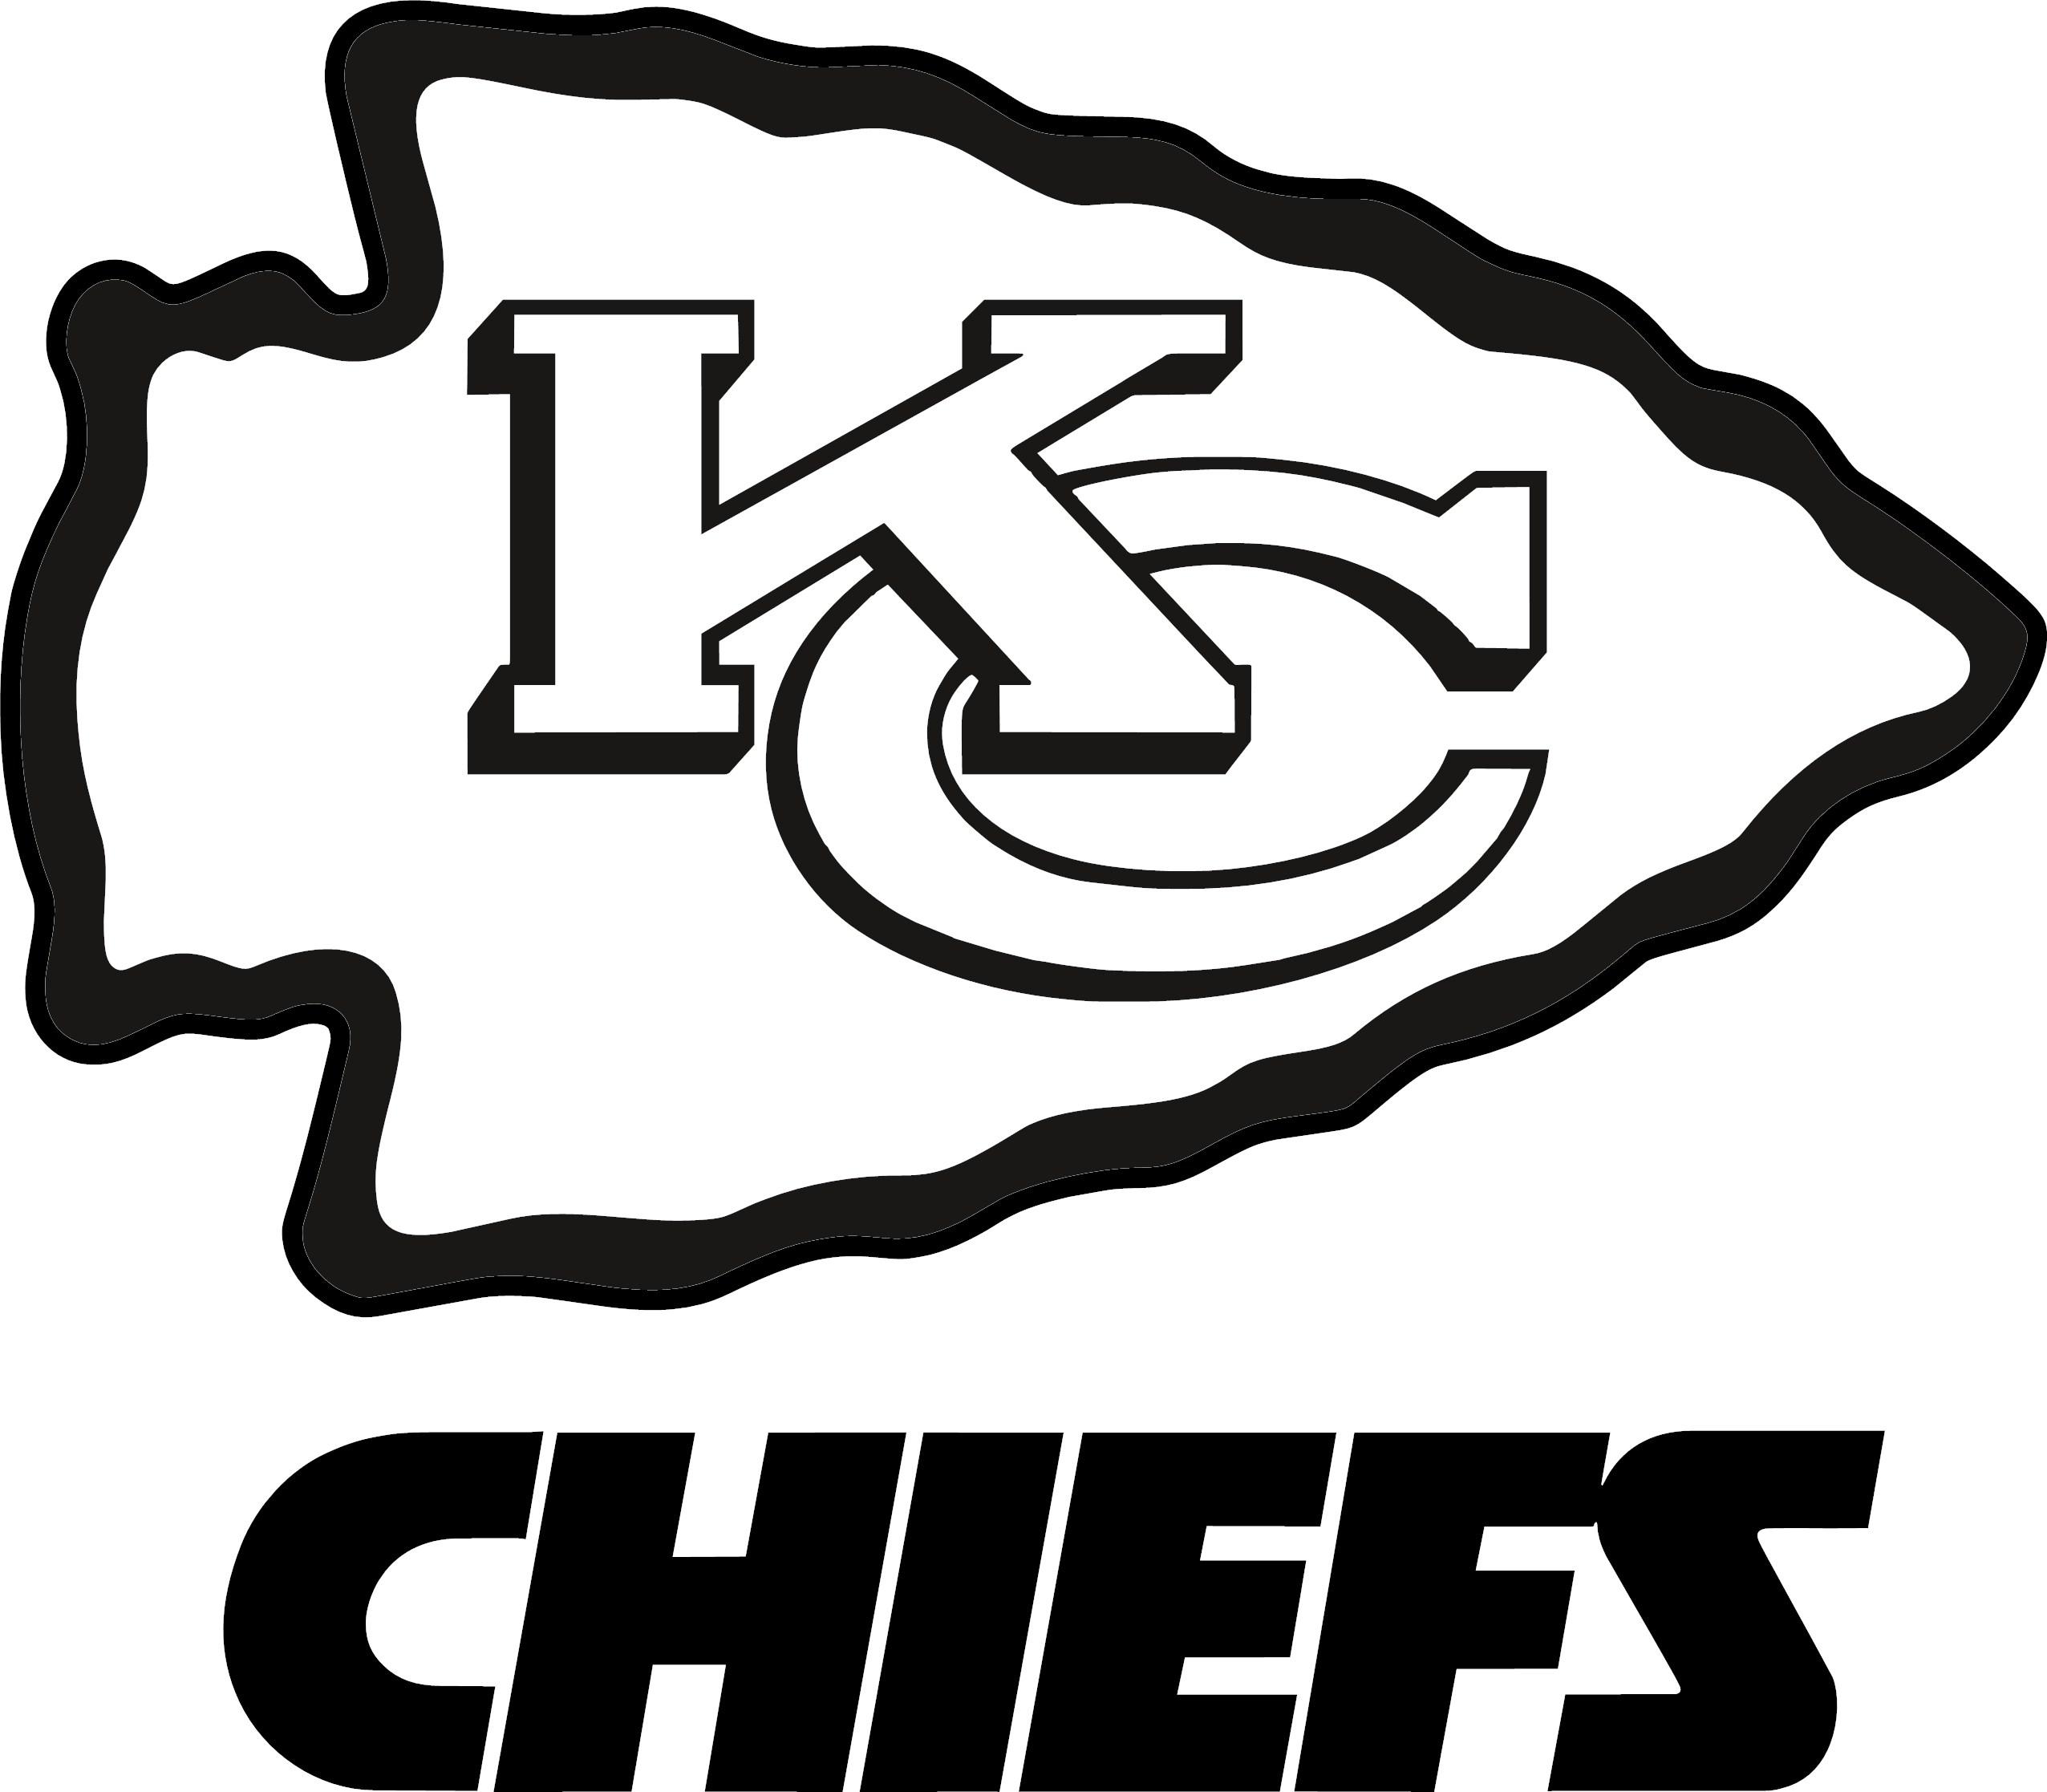 Hd Chiefs Wallpaper: Kc Chiefs Logo